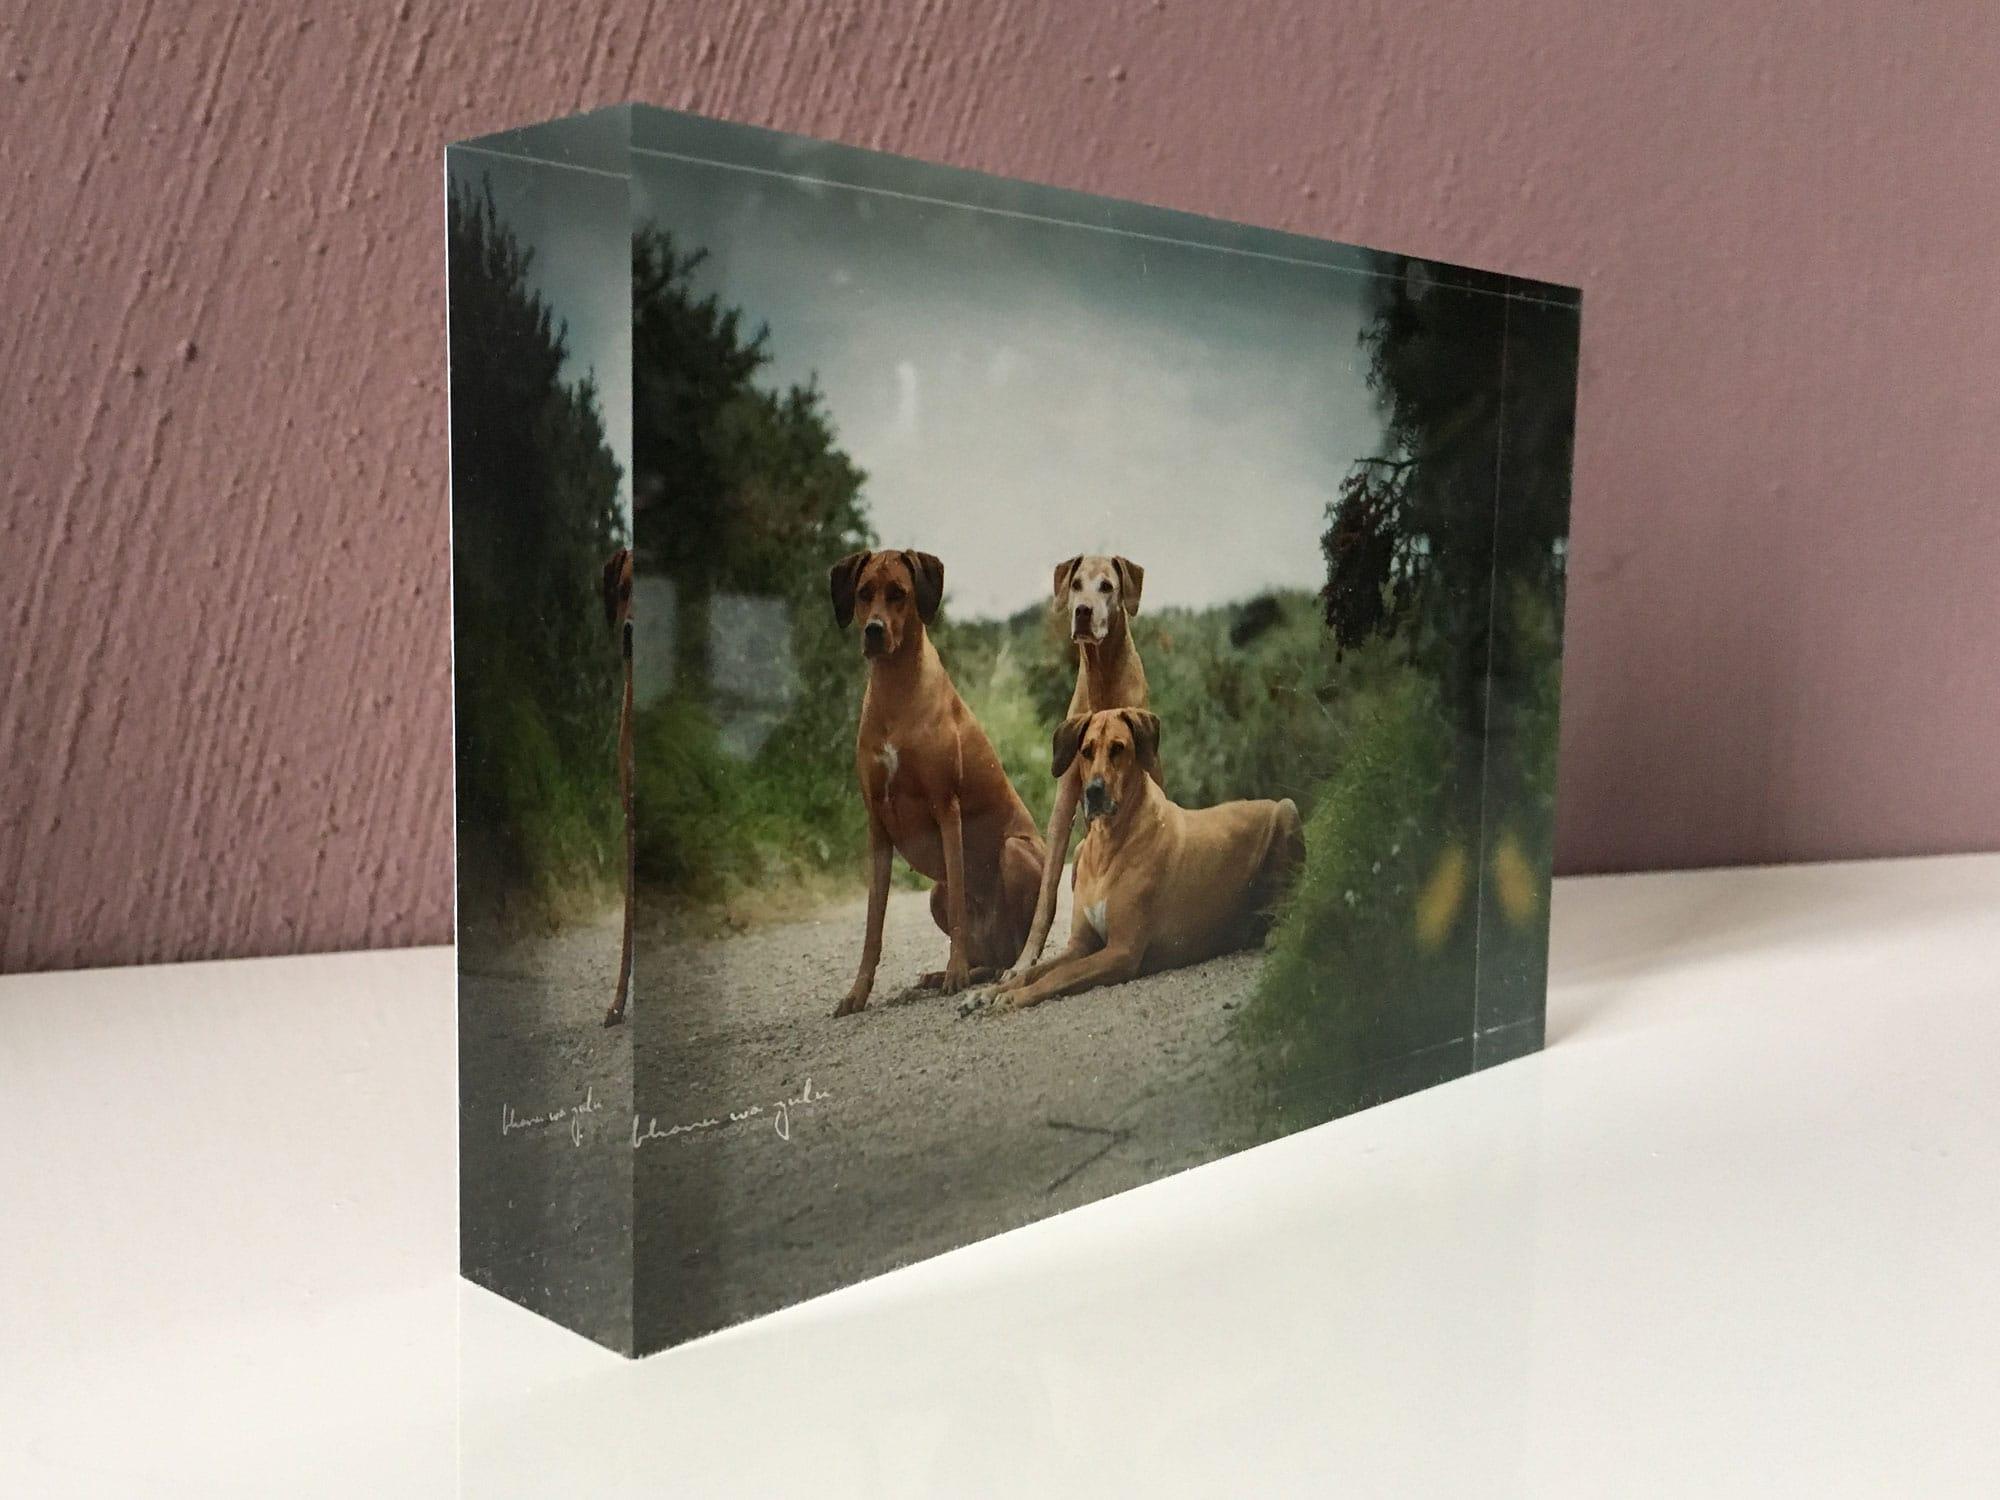 Tierfotografie BwZ. am linken Niederrrhein, Acryl Block zum hinstellen